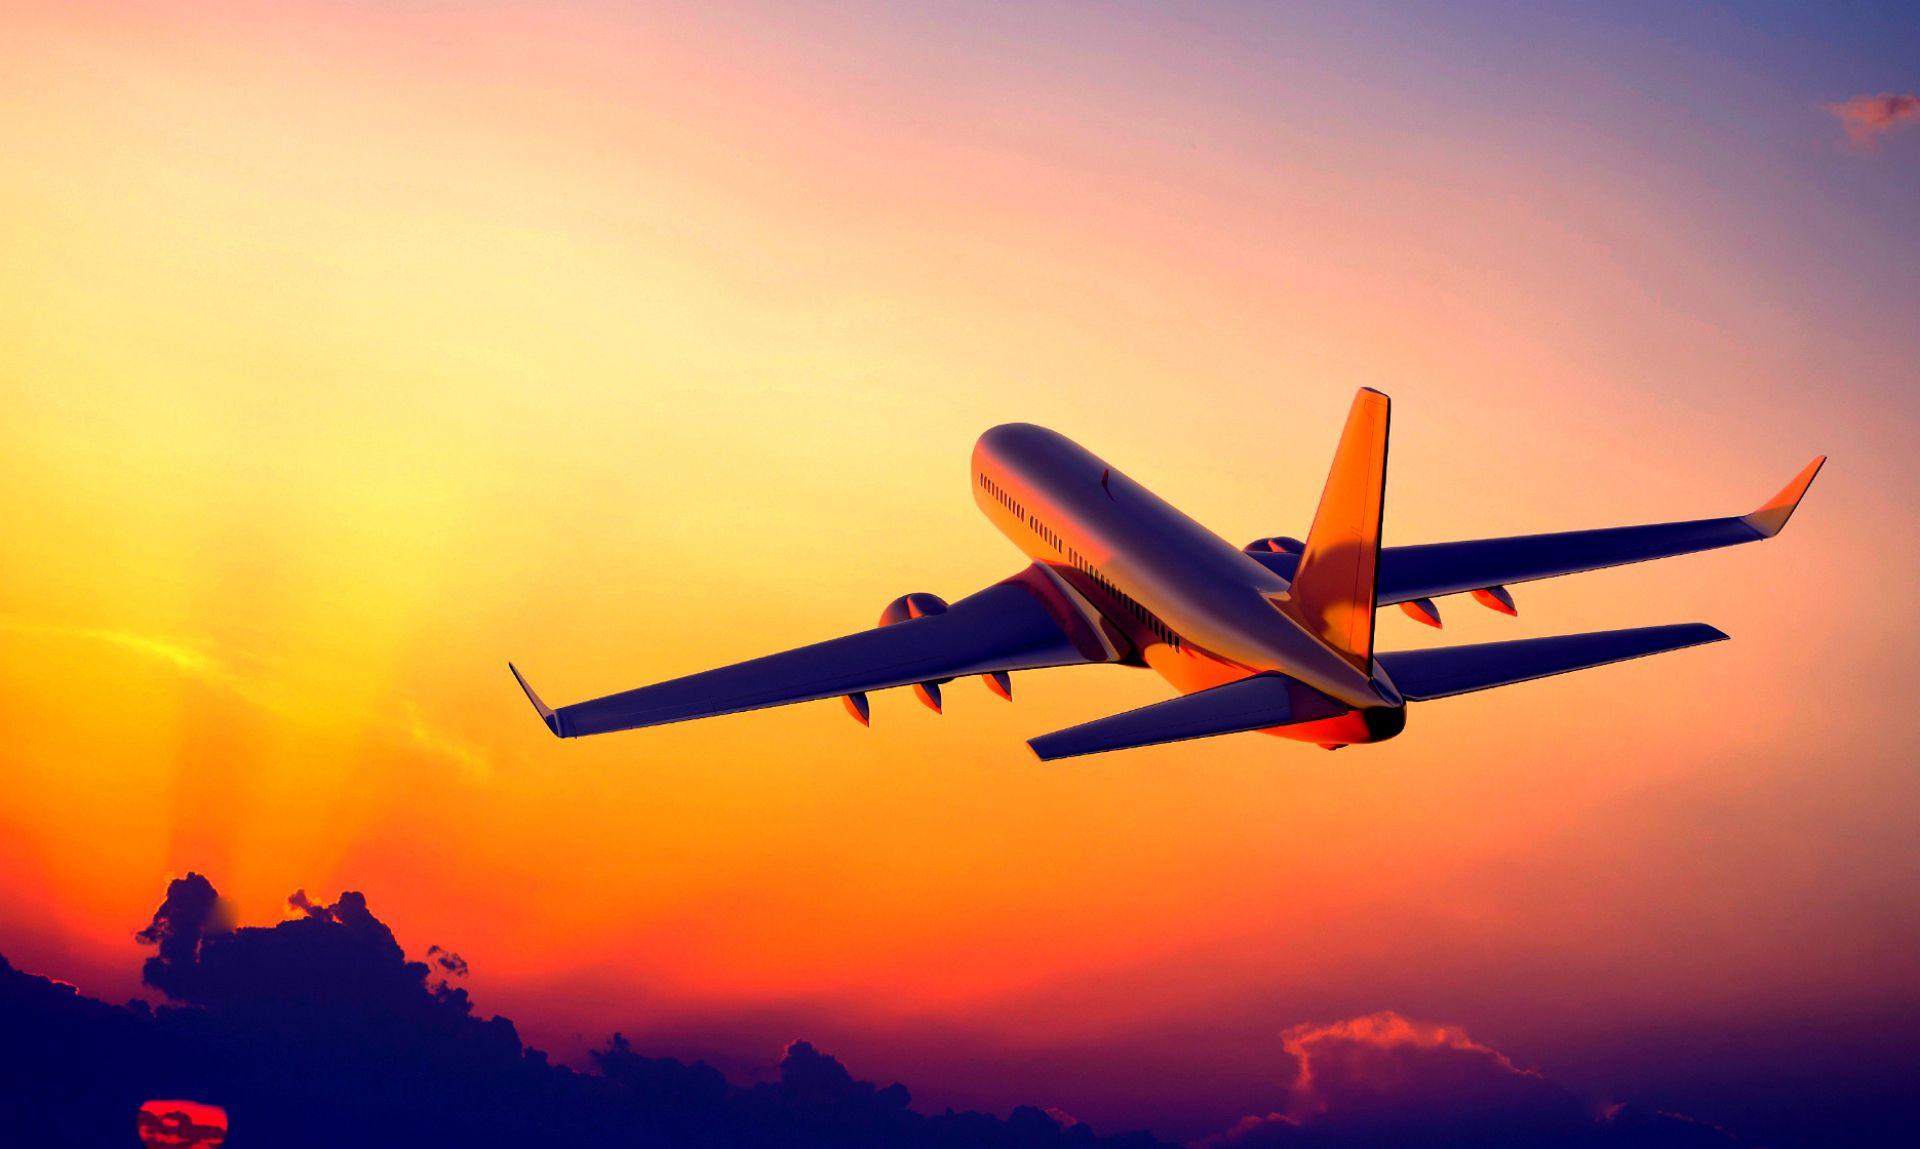 Passenger Plane Vertical Flight Hd Wallpaper Hd Wallpapers